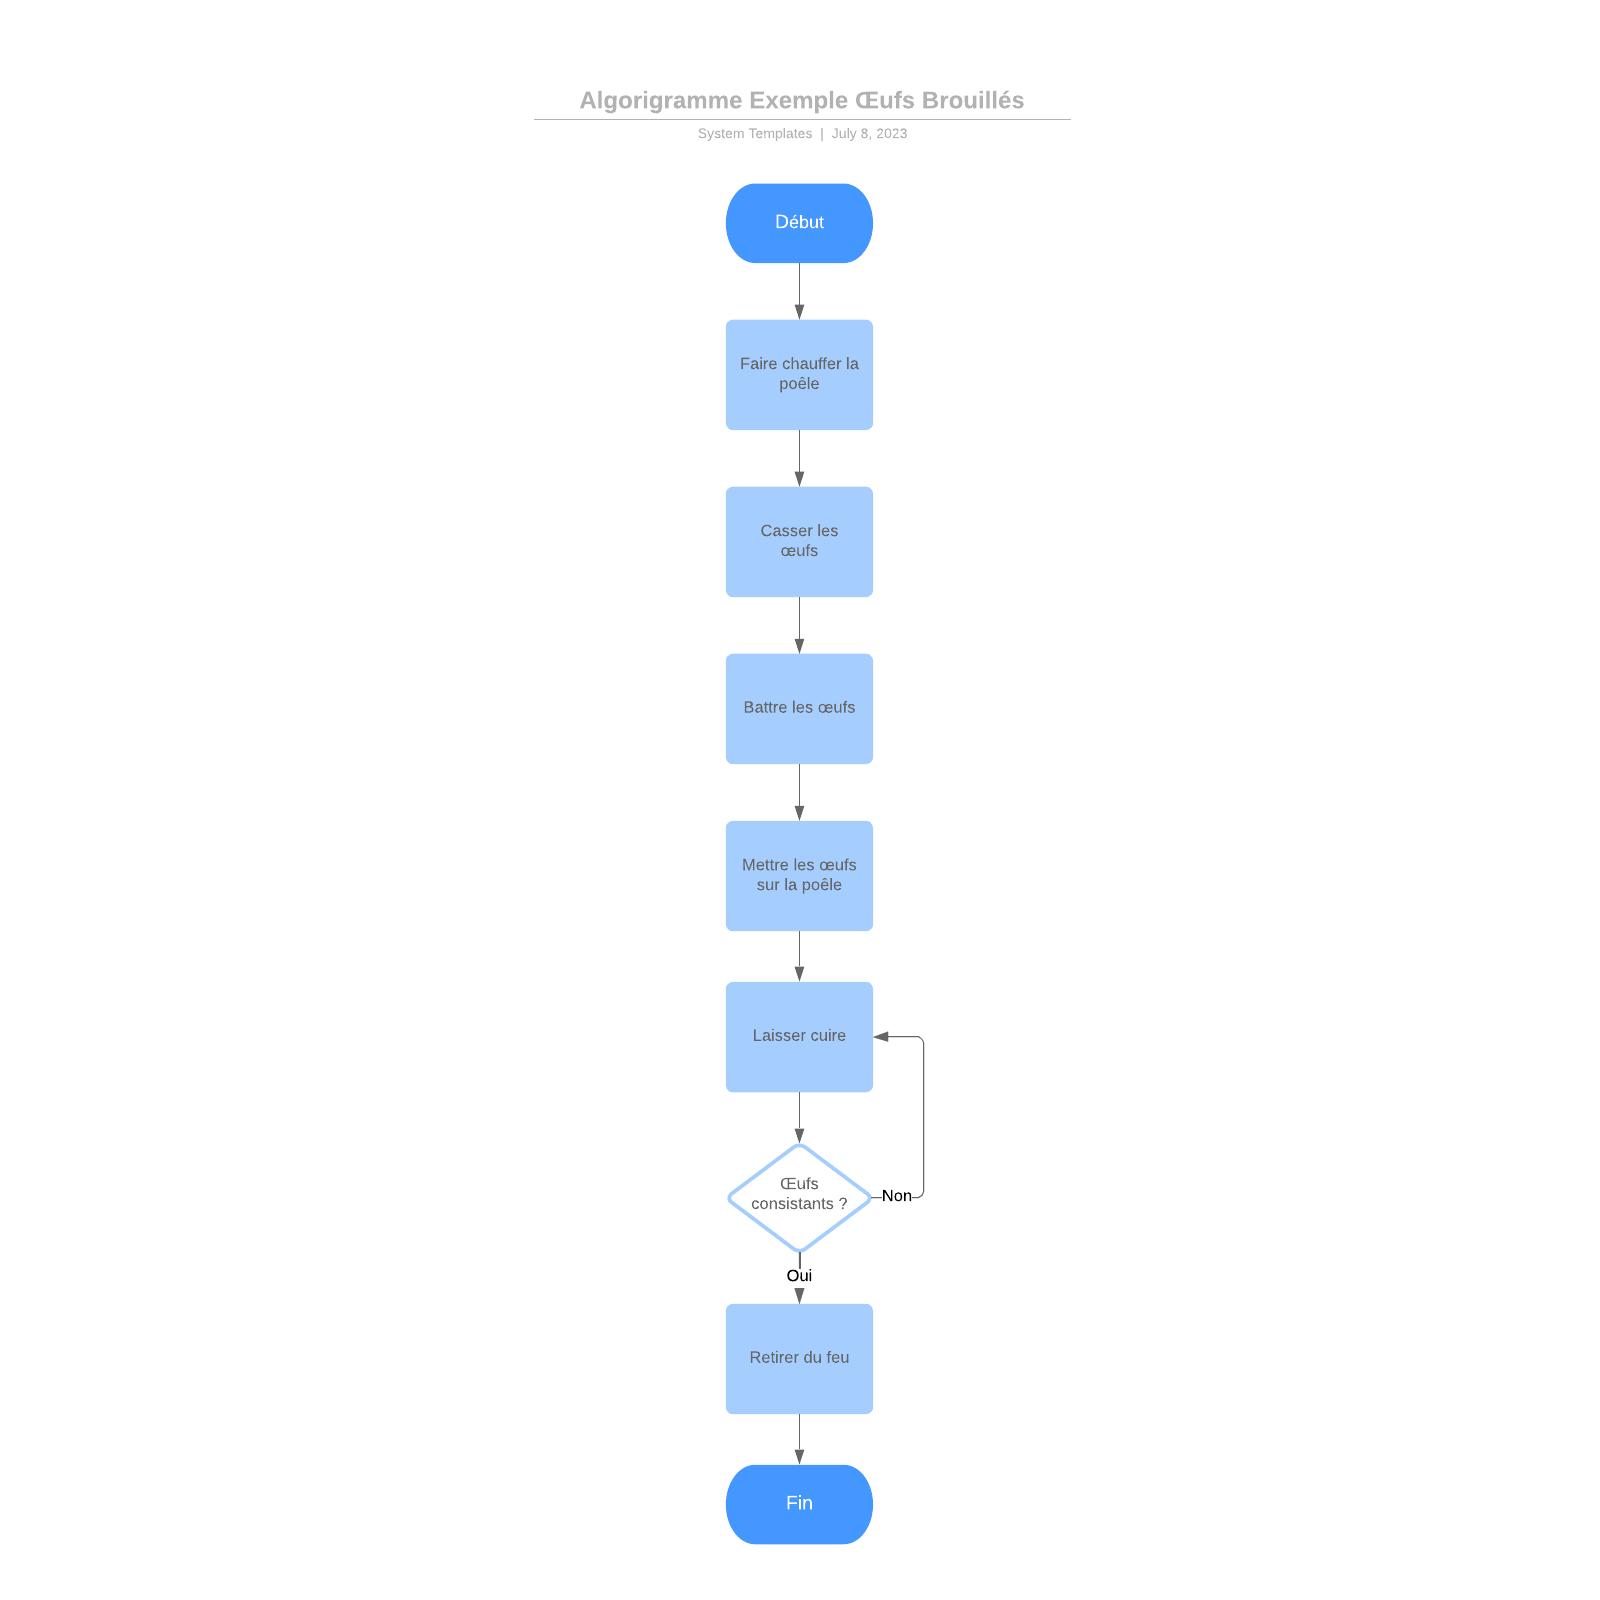 exemple d'algorigramme pour oeufs brouillés